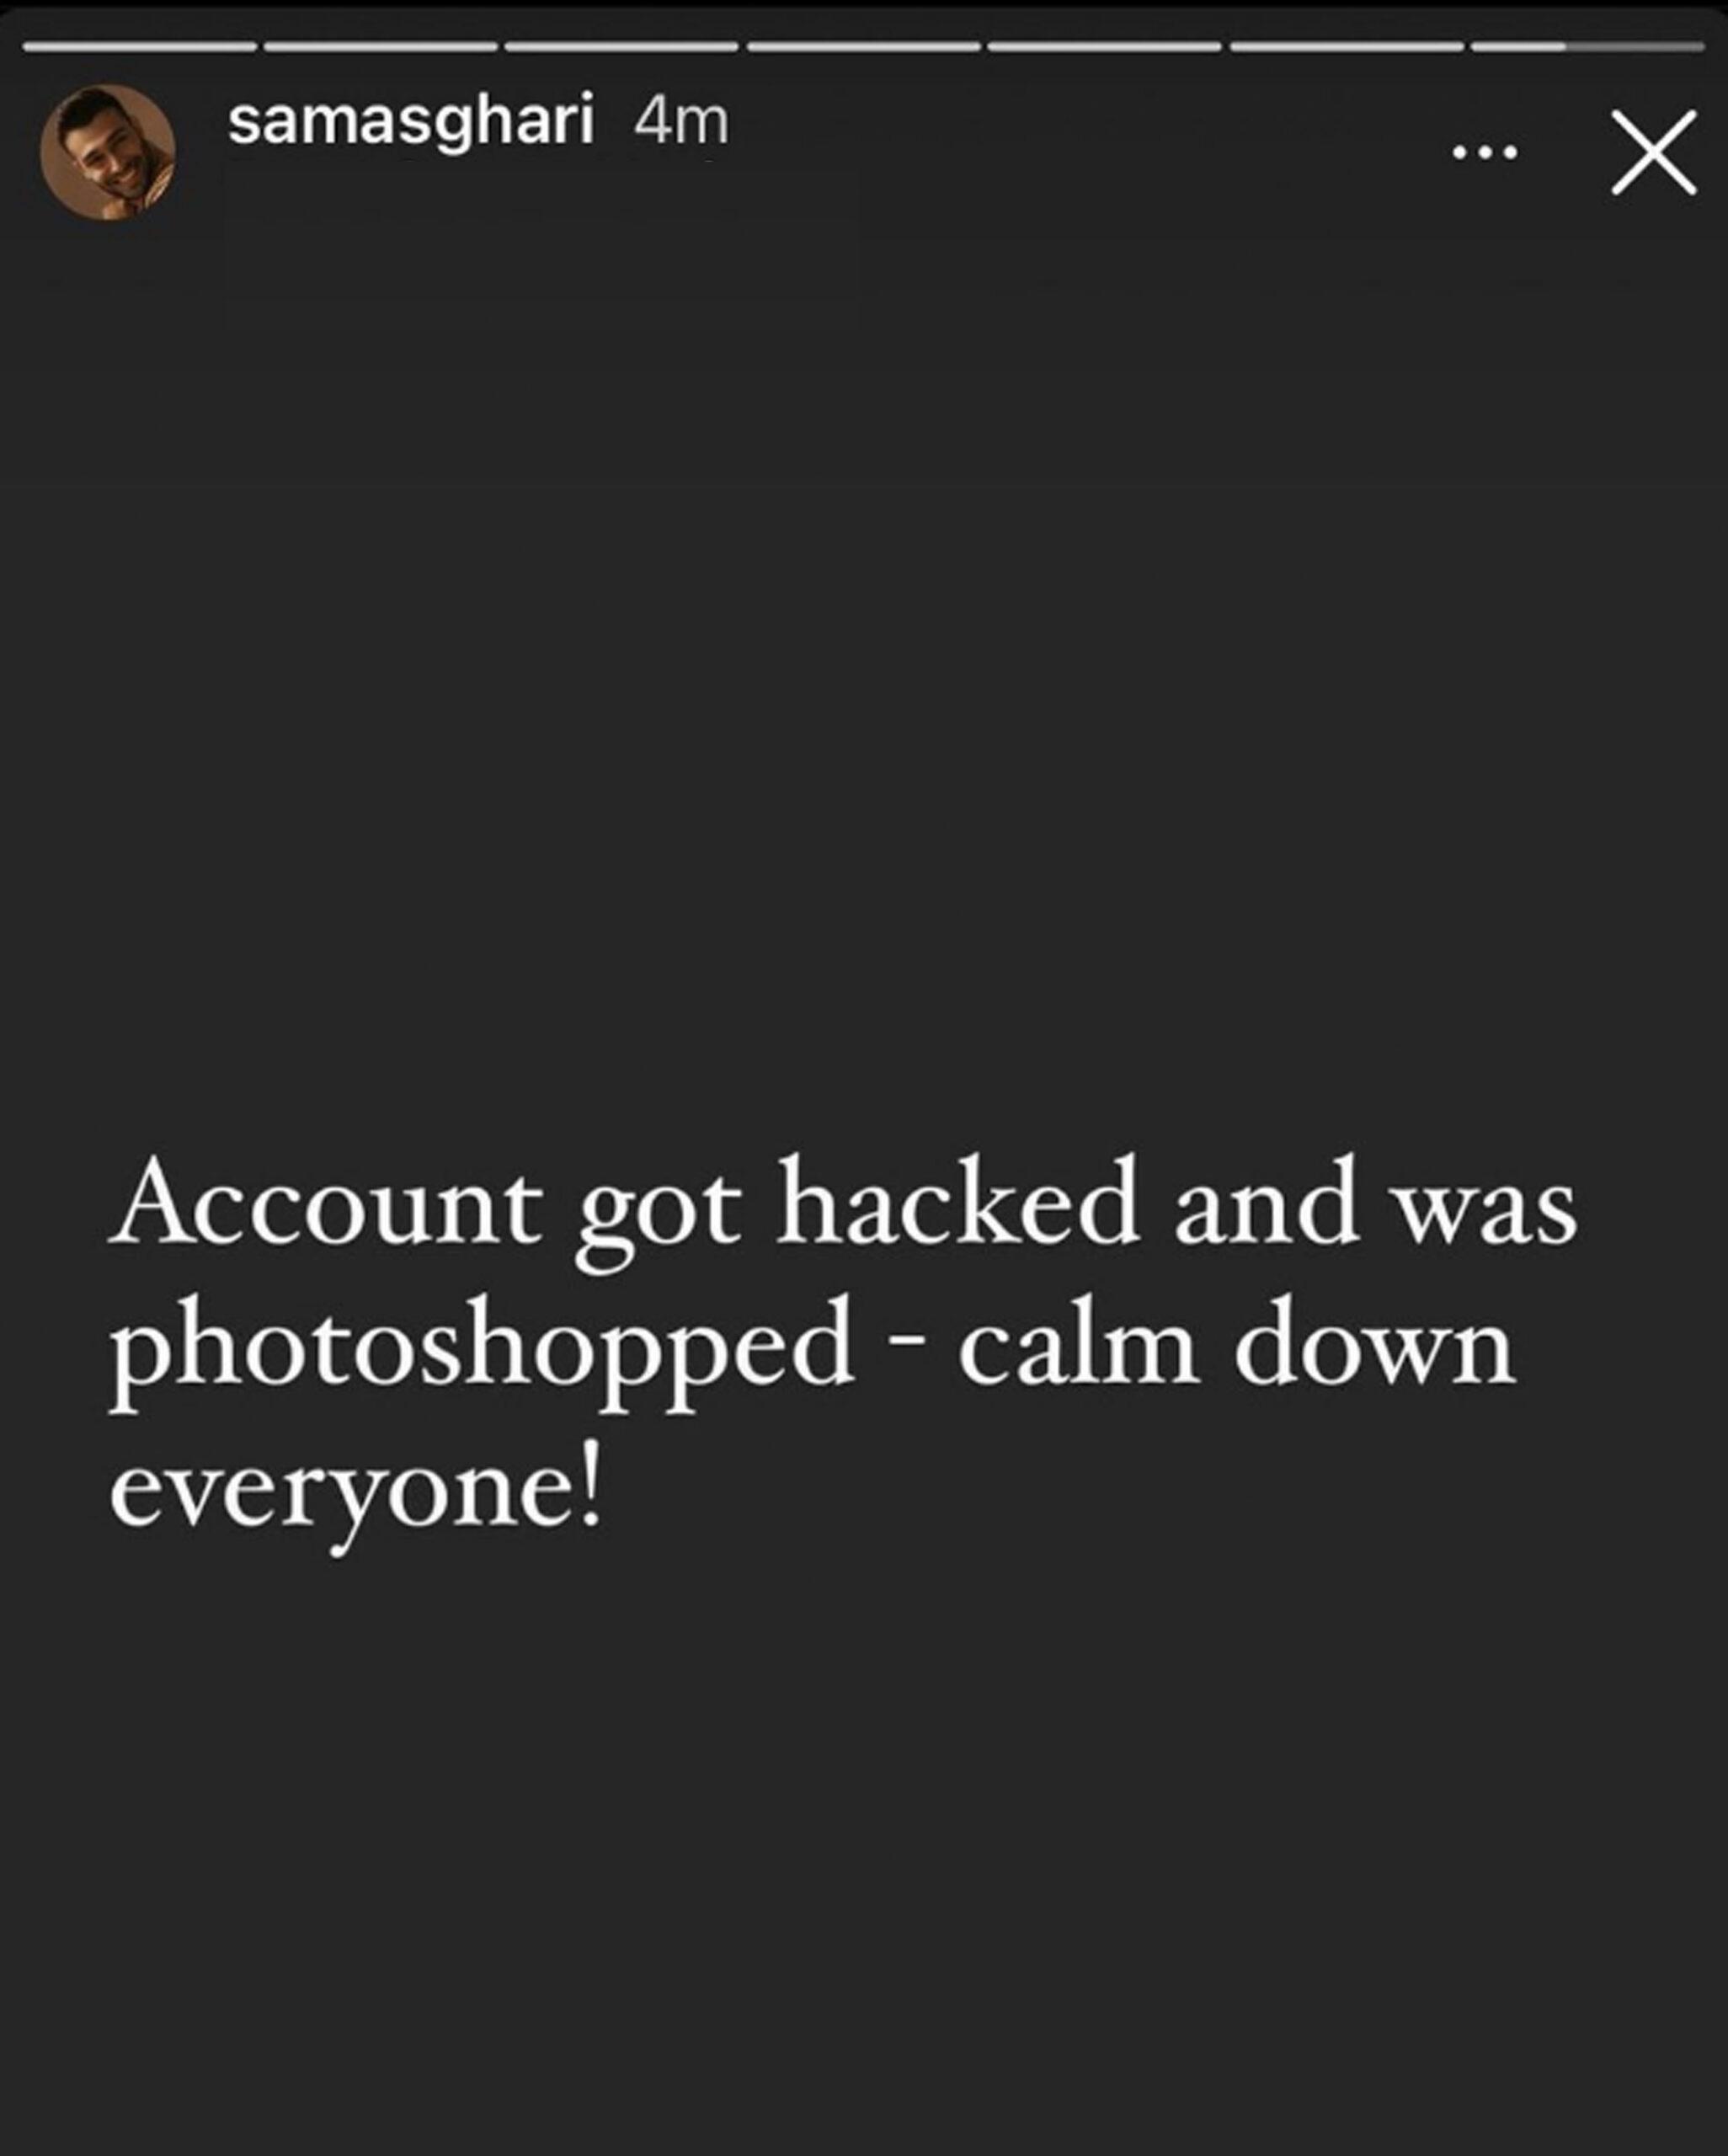 Sam Asghari forteller datasnokere brøt seg inn påhans Instagram-konto og publiserte et manifpulert bilde (Insta/samasghari)